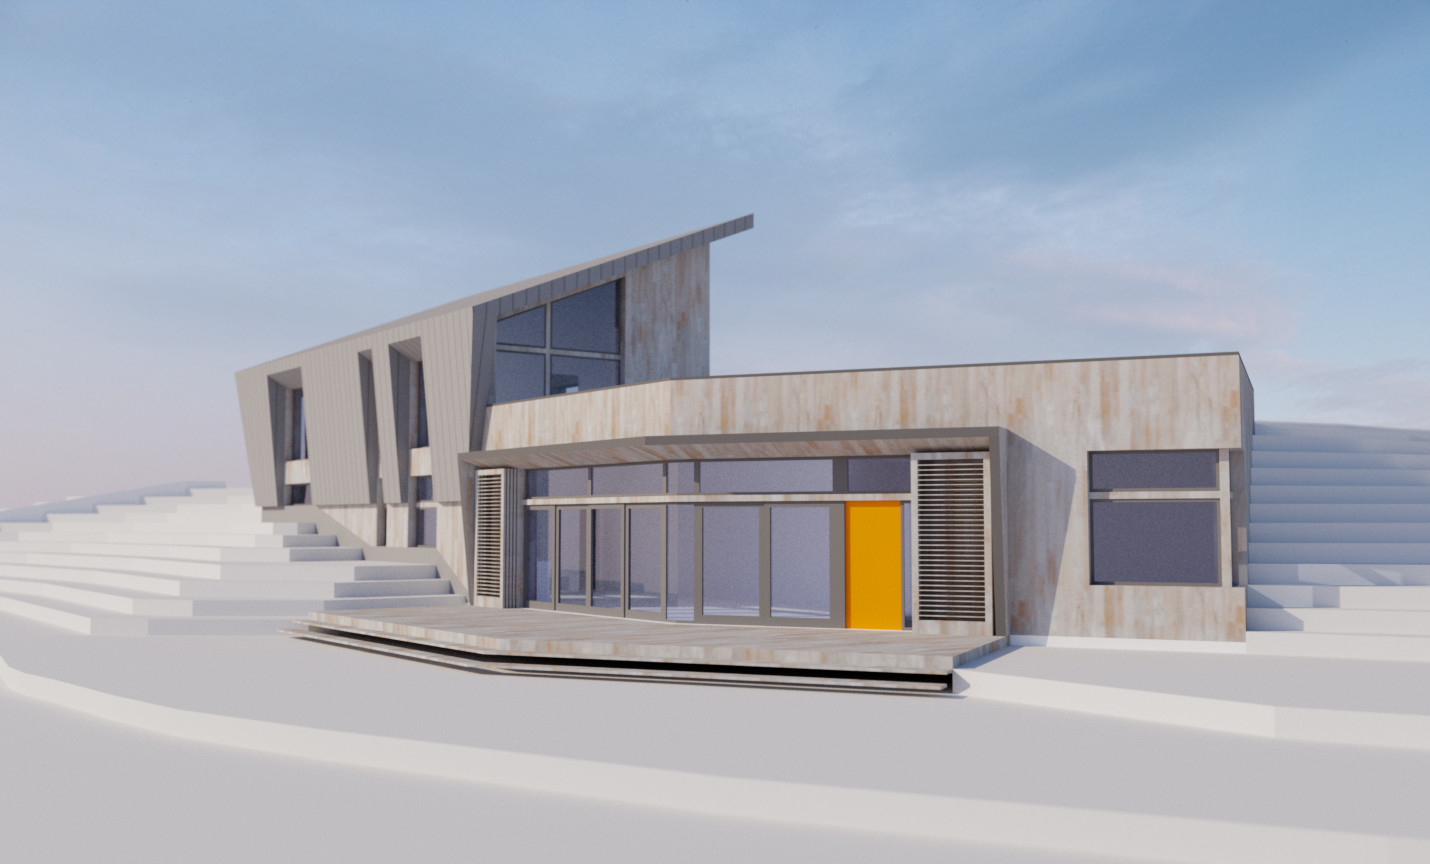 Sterner Design's Iowa residence. Image Courtesy of Sterner Design